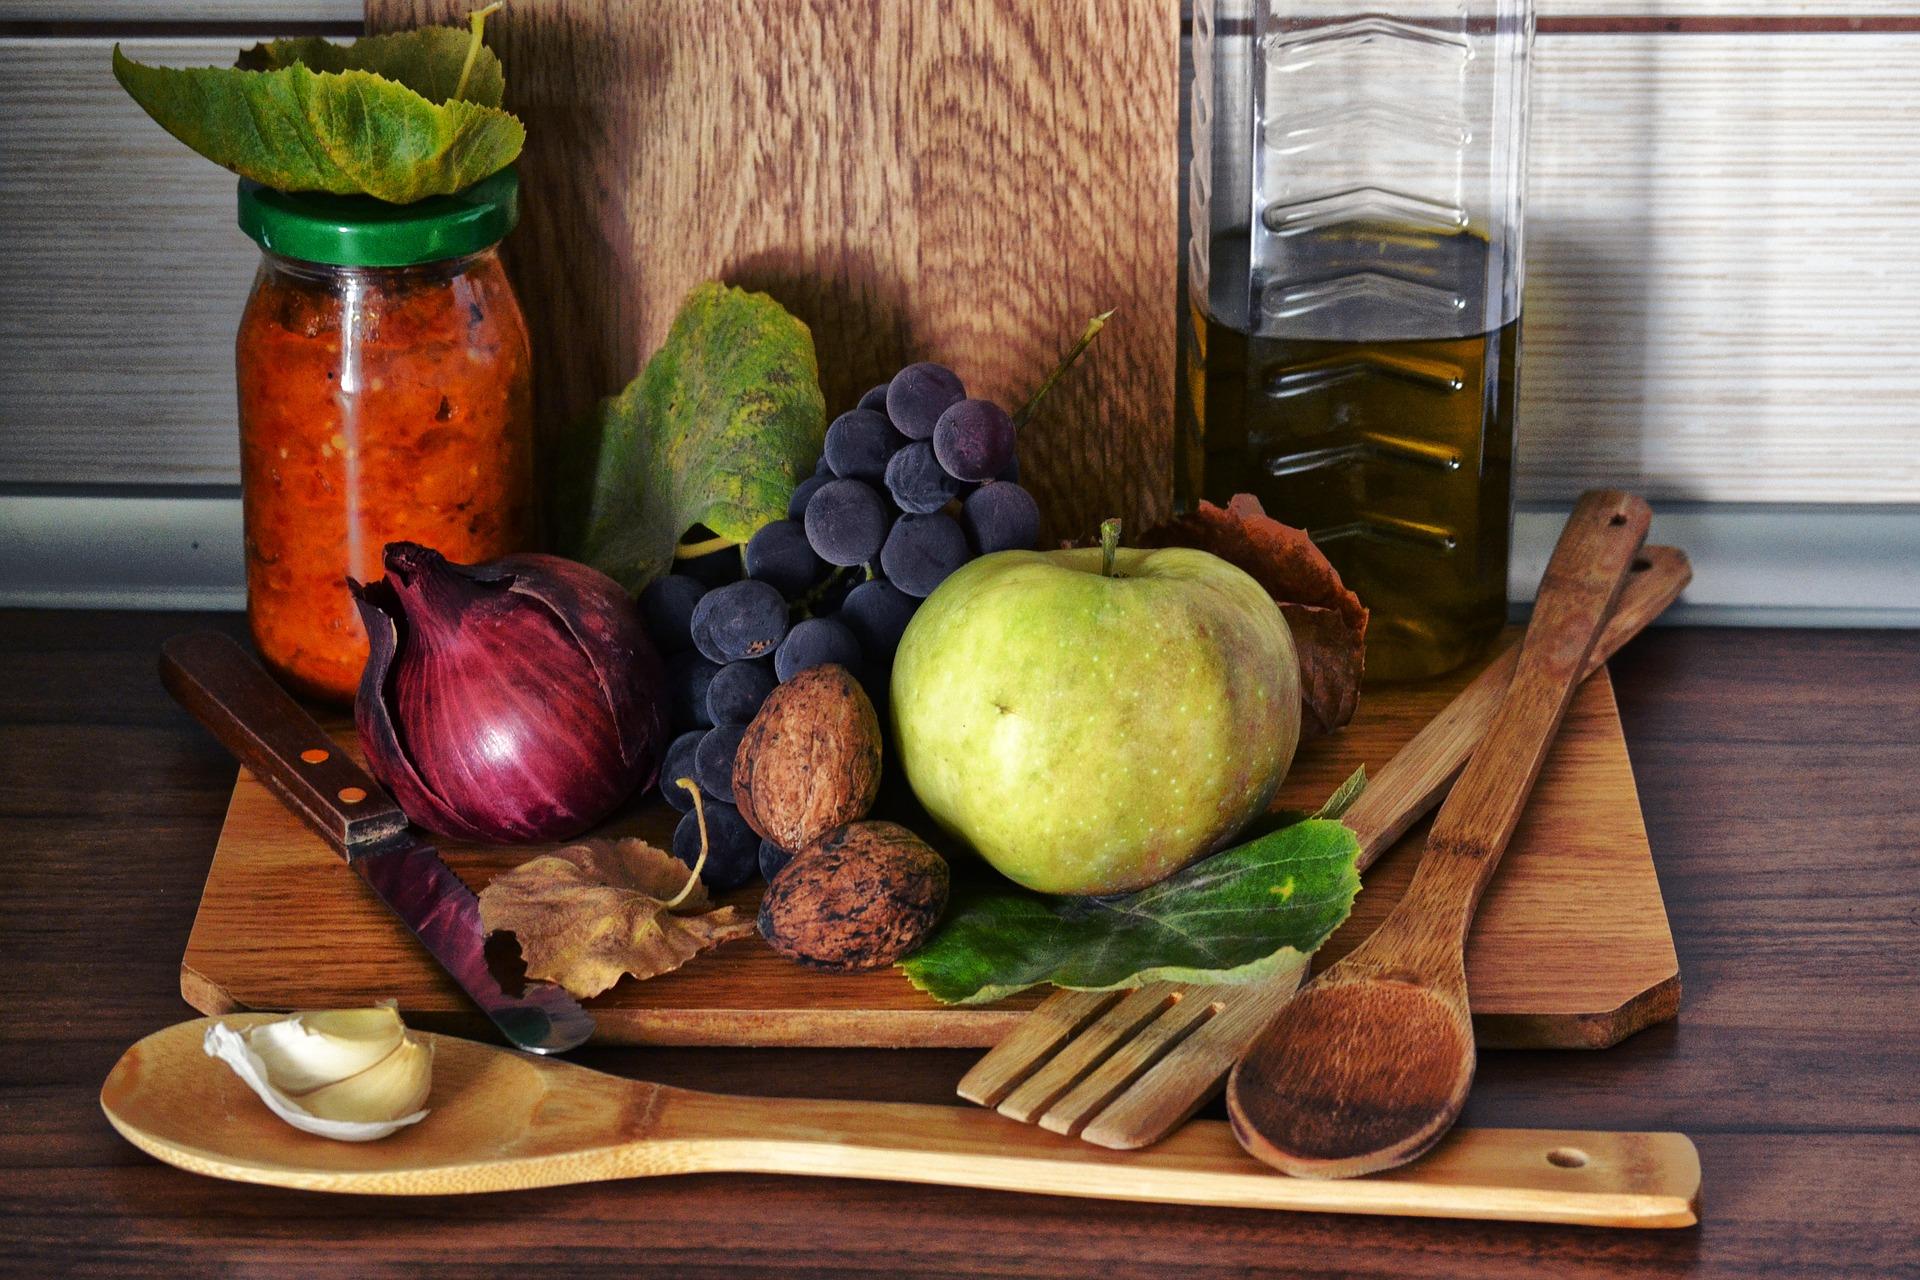 Poznaniacy chętnie sięgają po rodzime owoce i warzywa